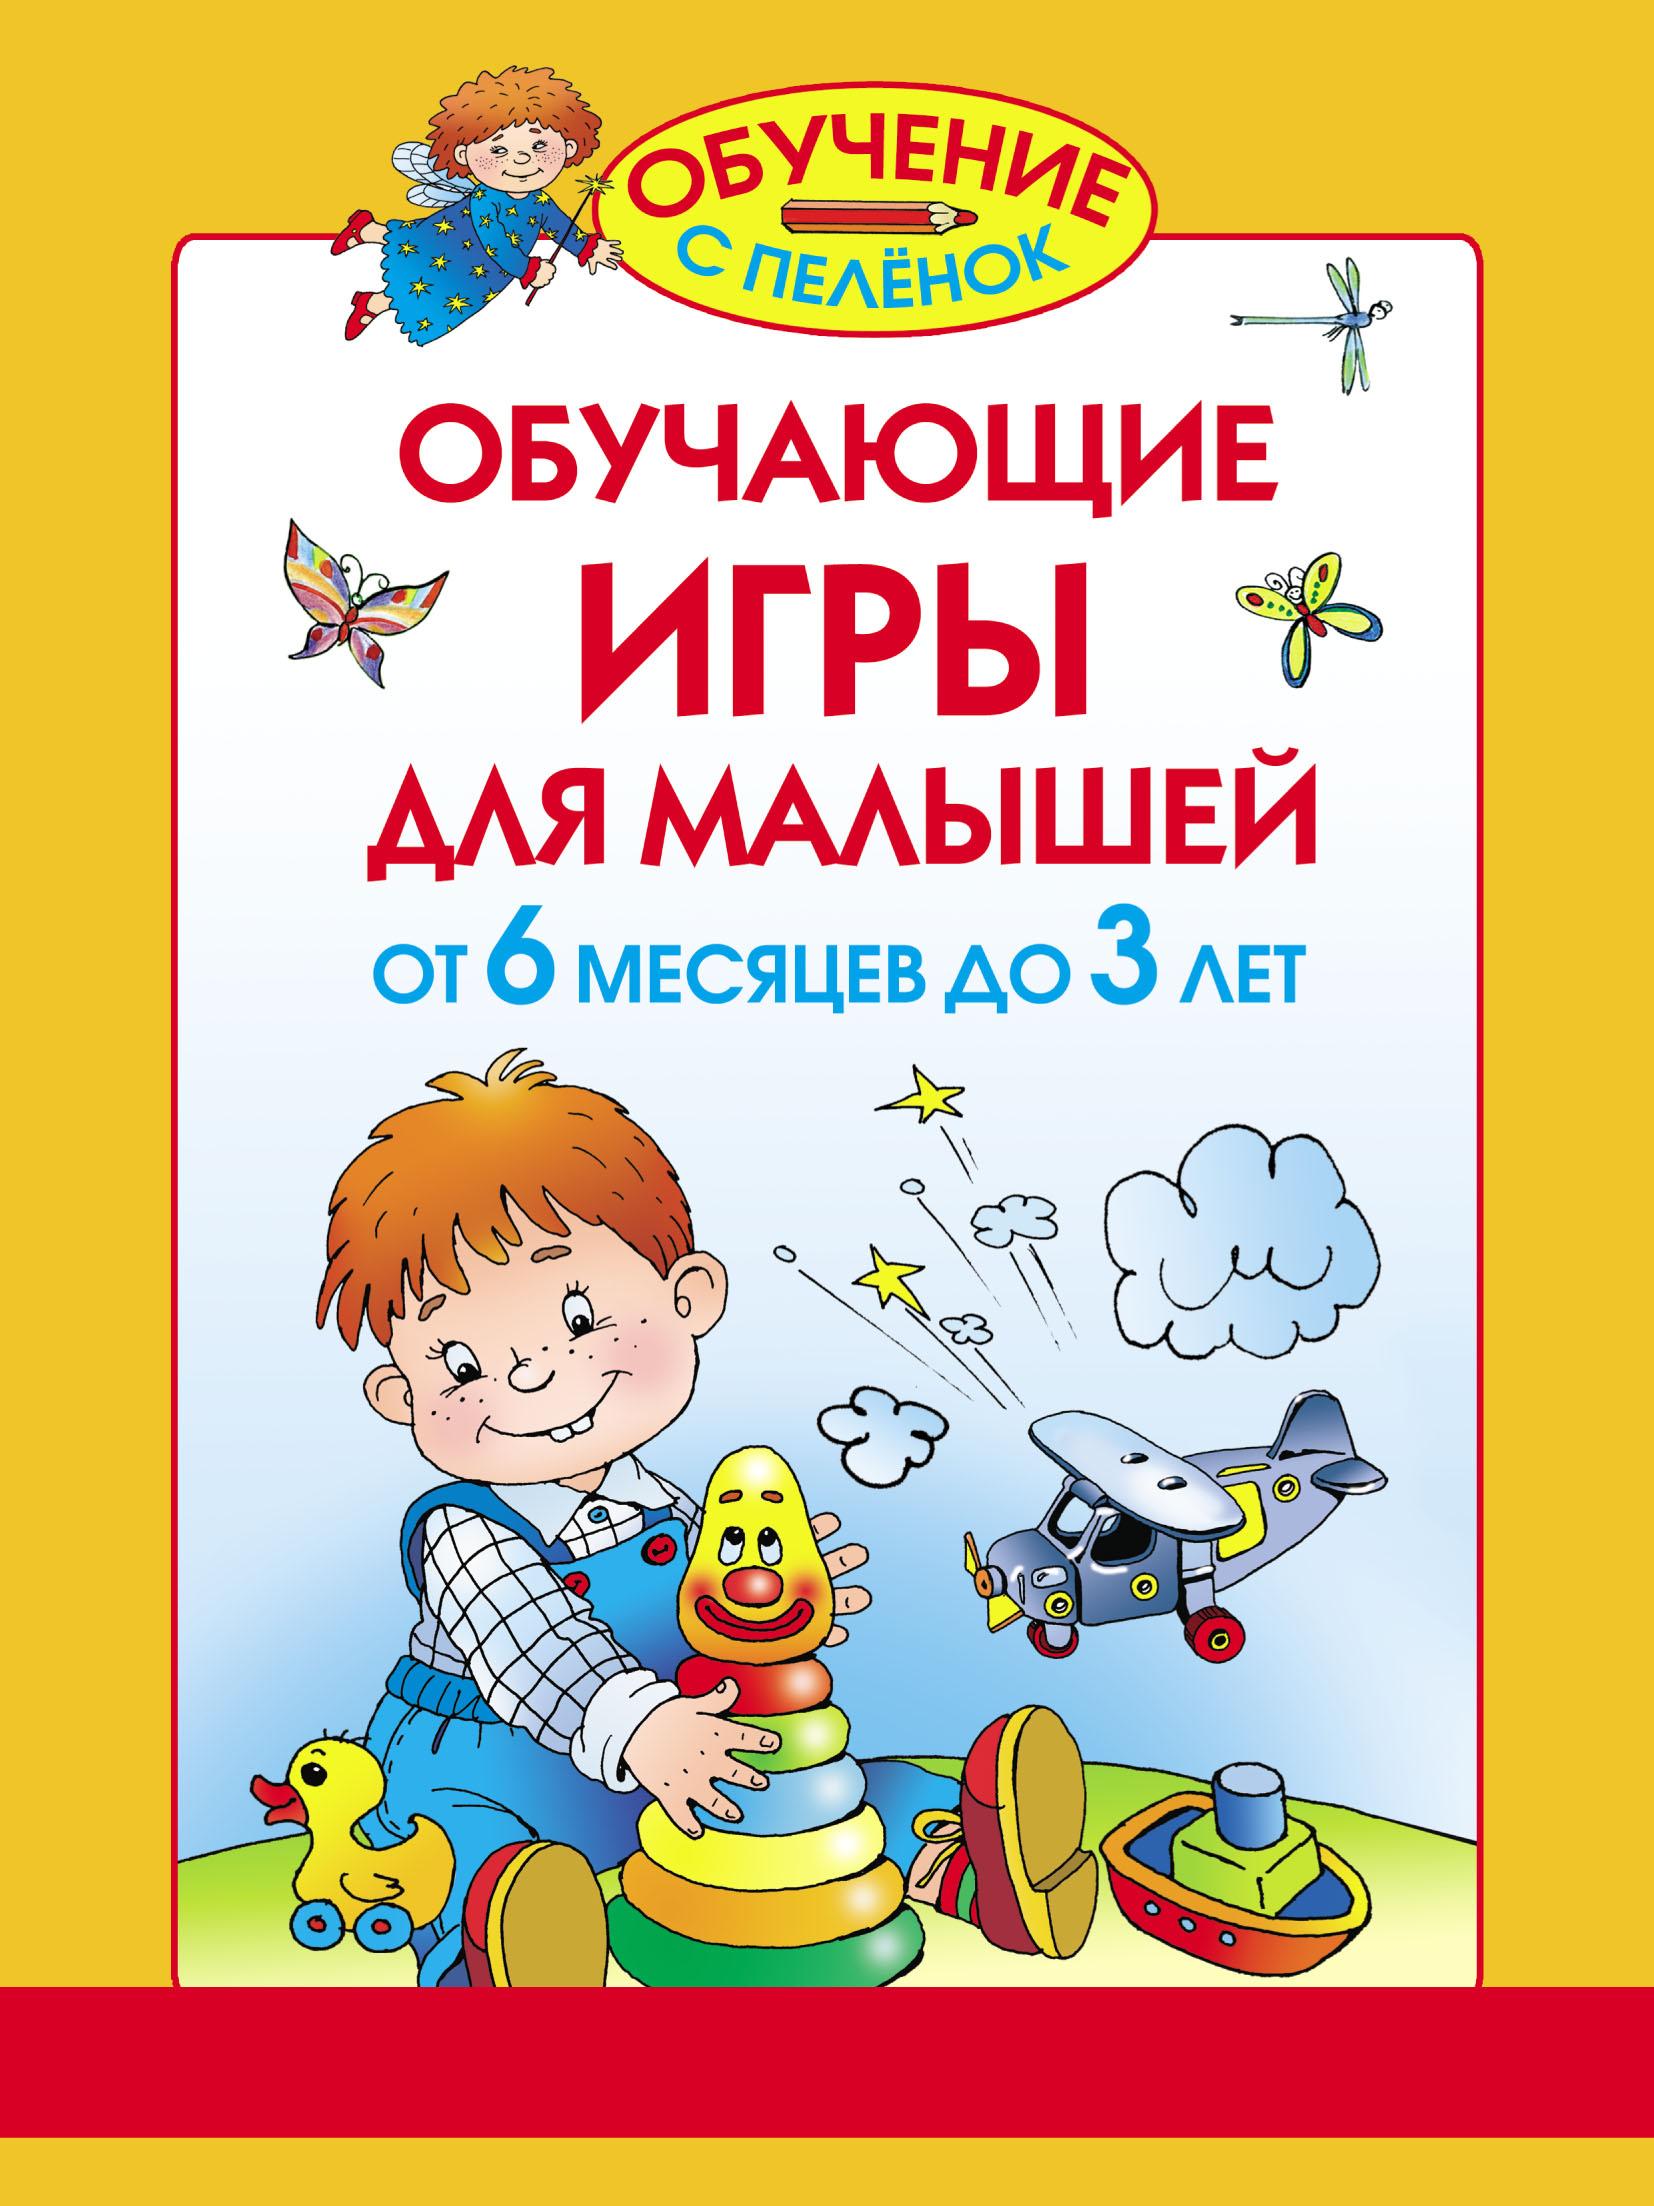 Олеся Жукова Обучающие игры для малышей. От 6 месяцев до 3 лет ноутбук развивающий первые открытия обучающие игры